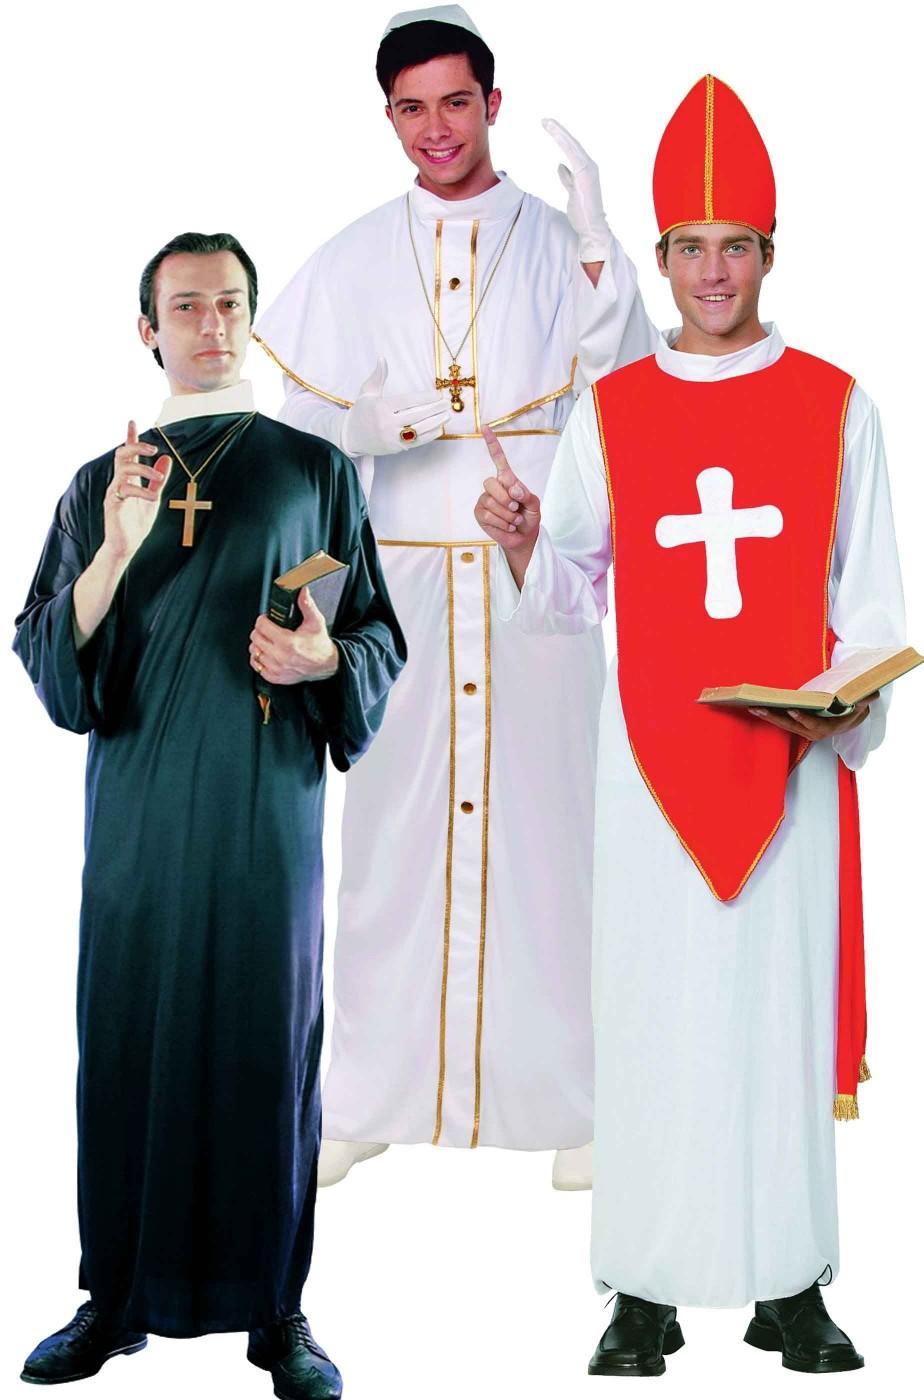 Costumi di carnevale per gruppo da papa prete e cardinale 8e2c8825554